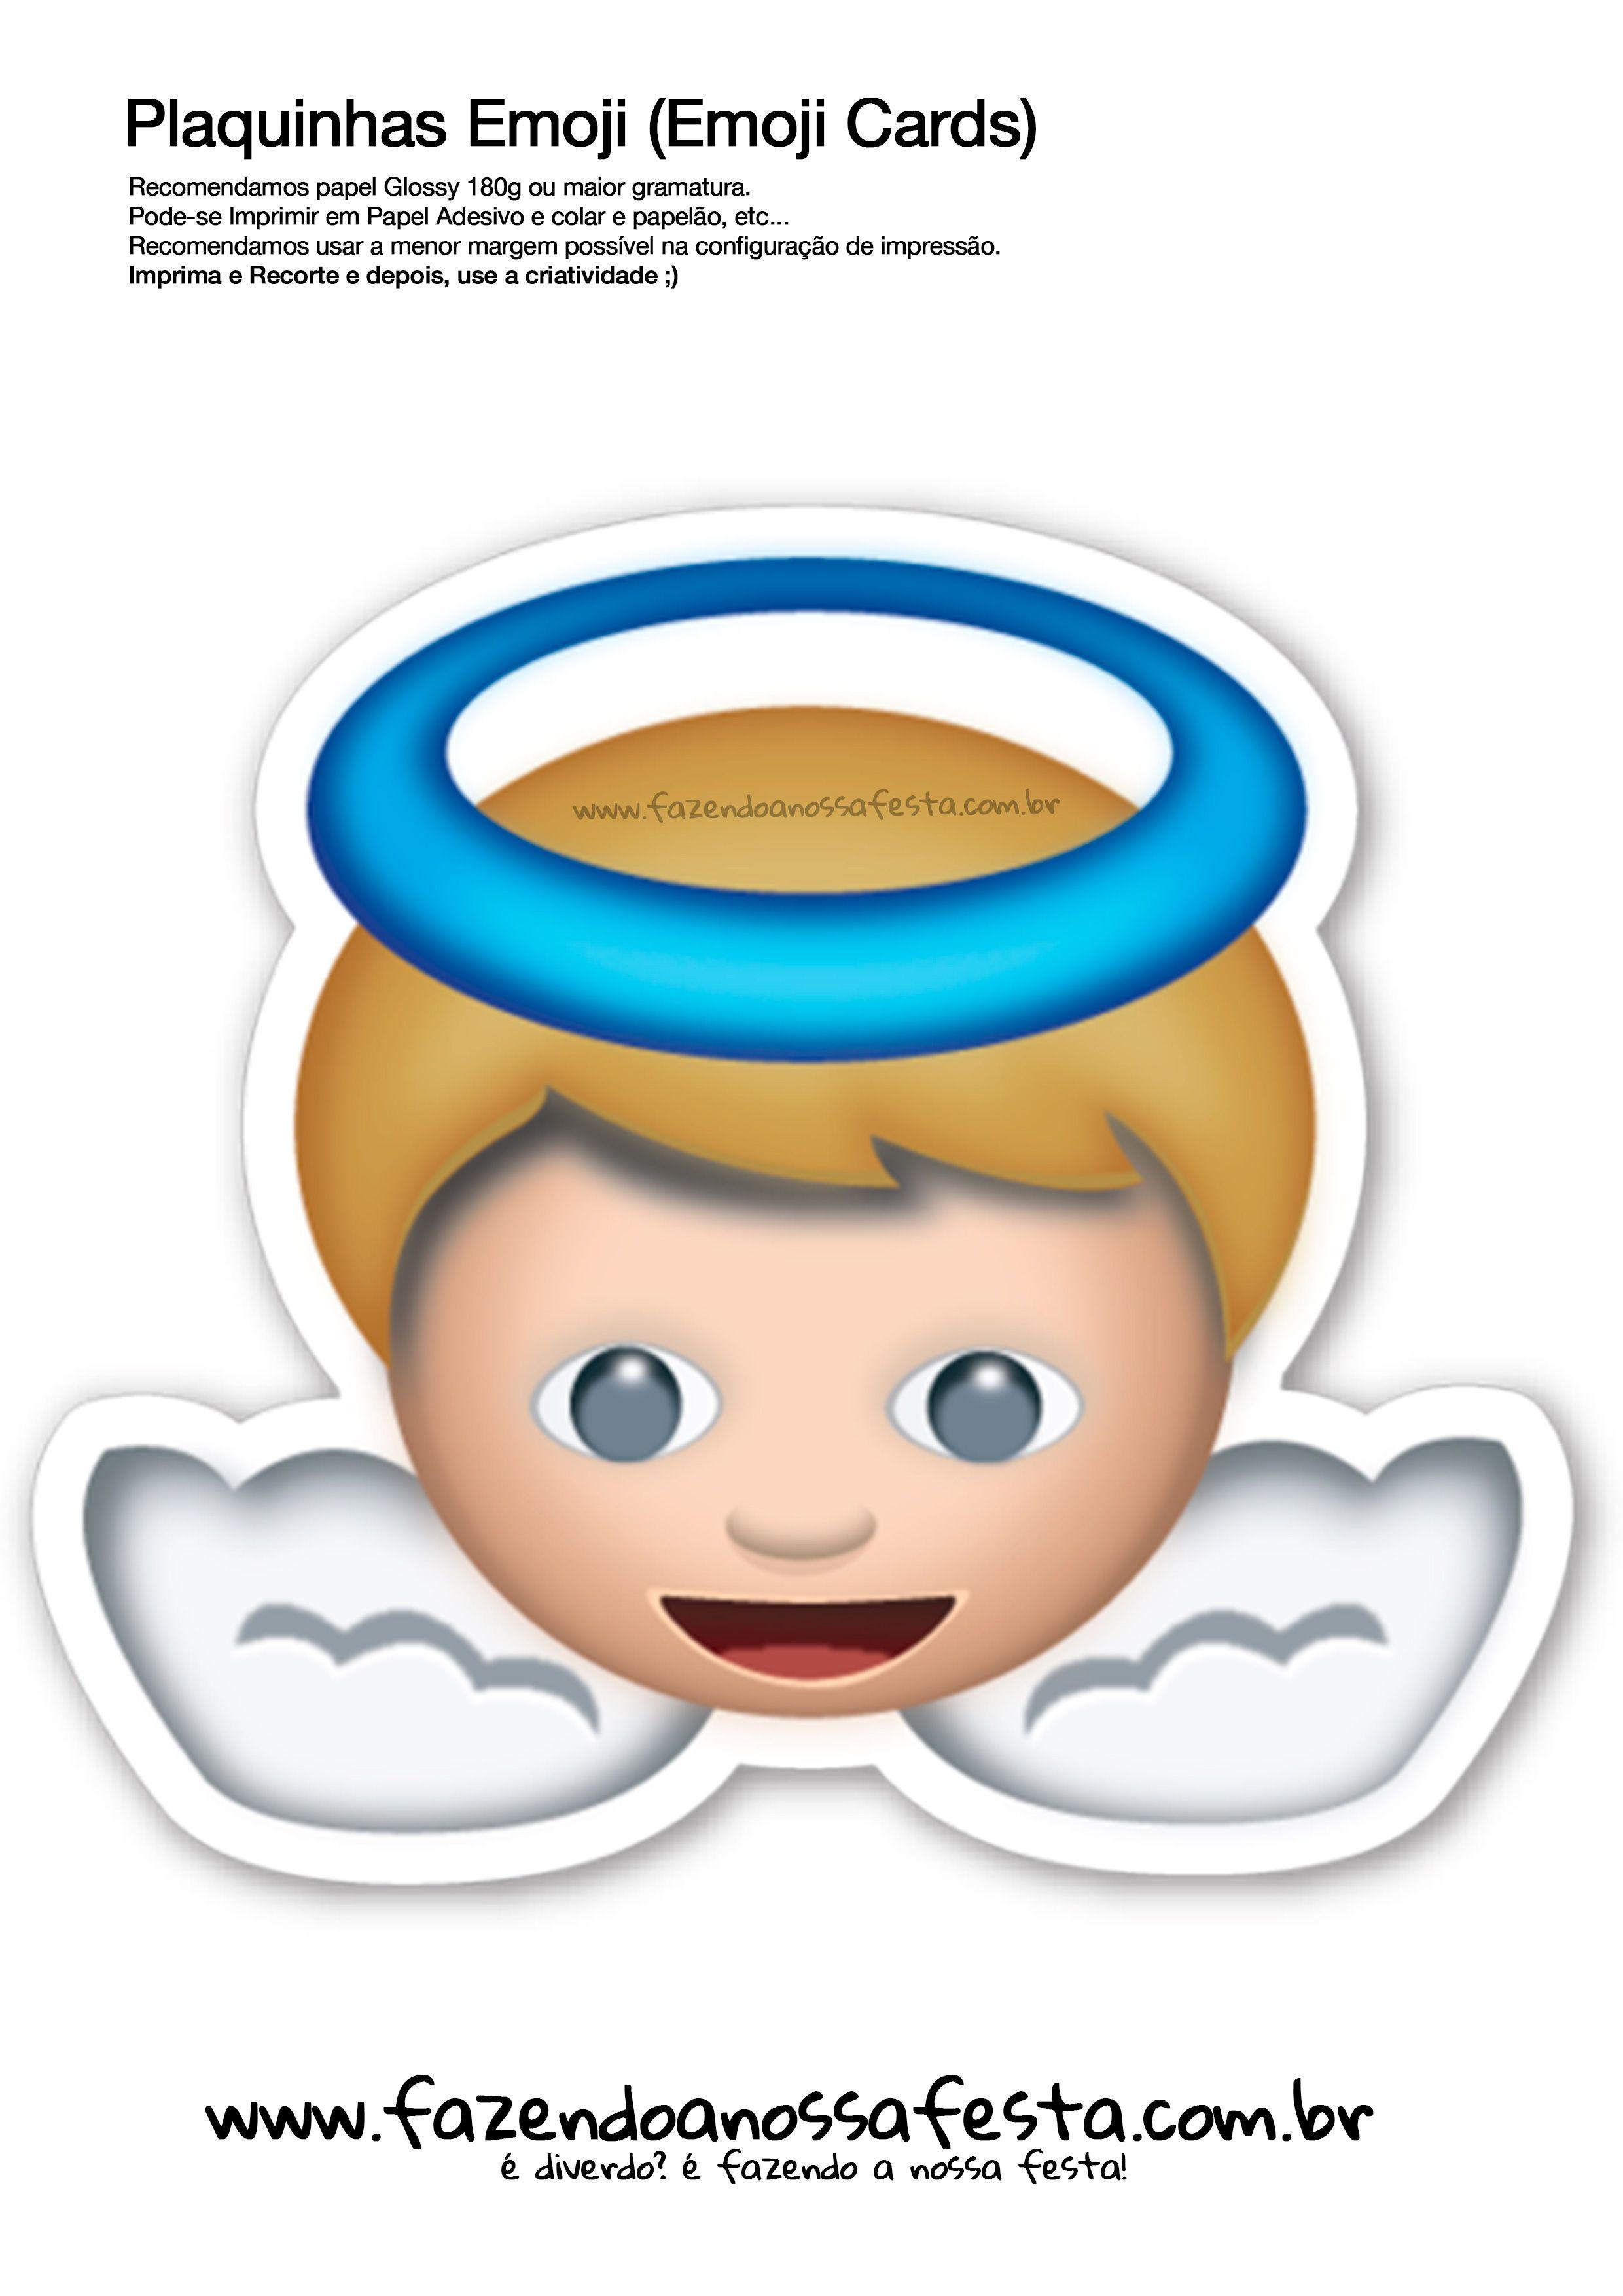 Plaquinhas Emoji Whatsapp 33